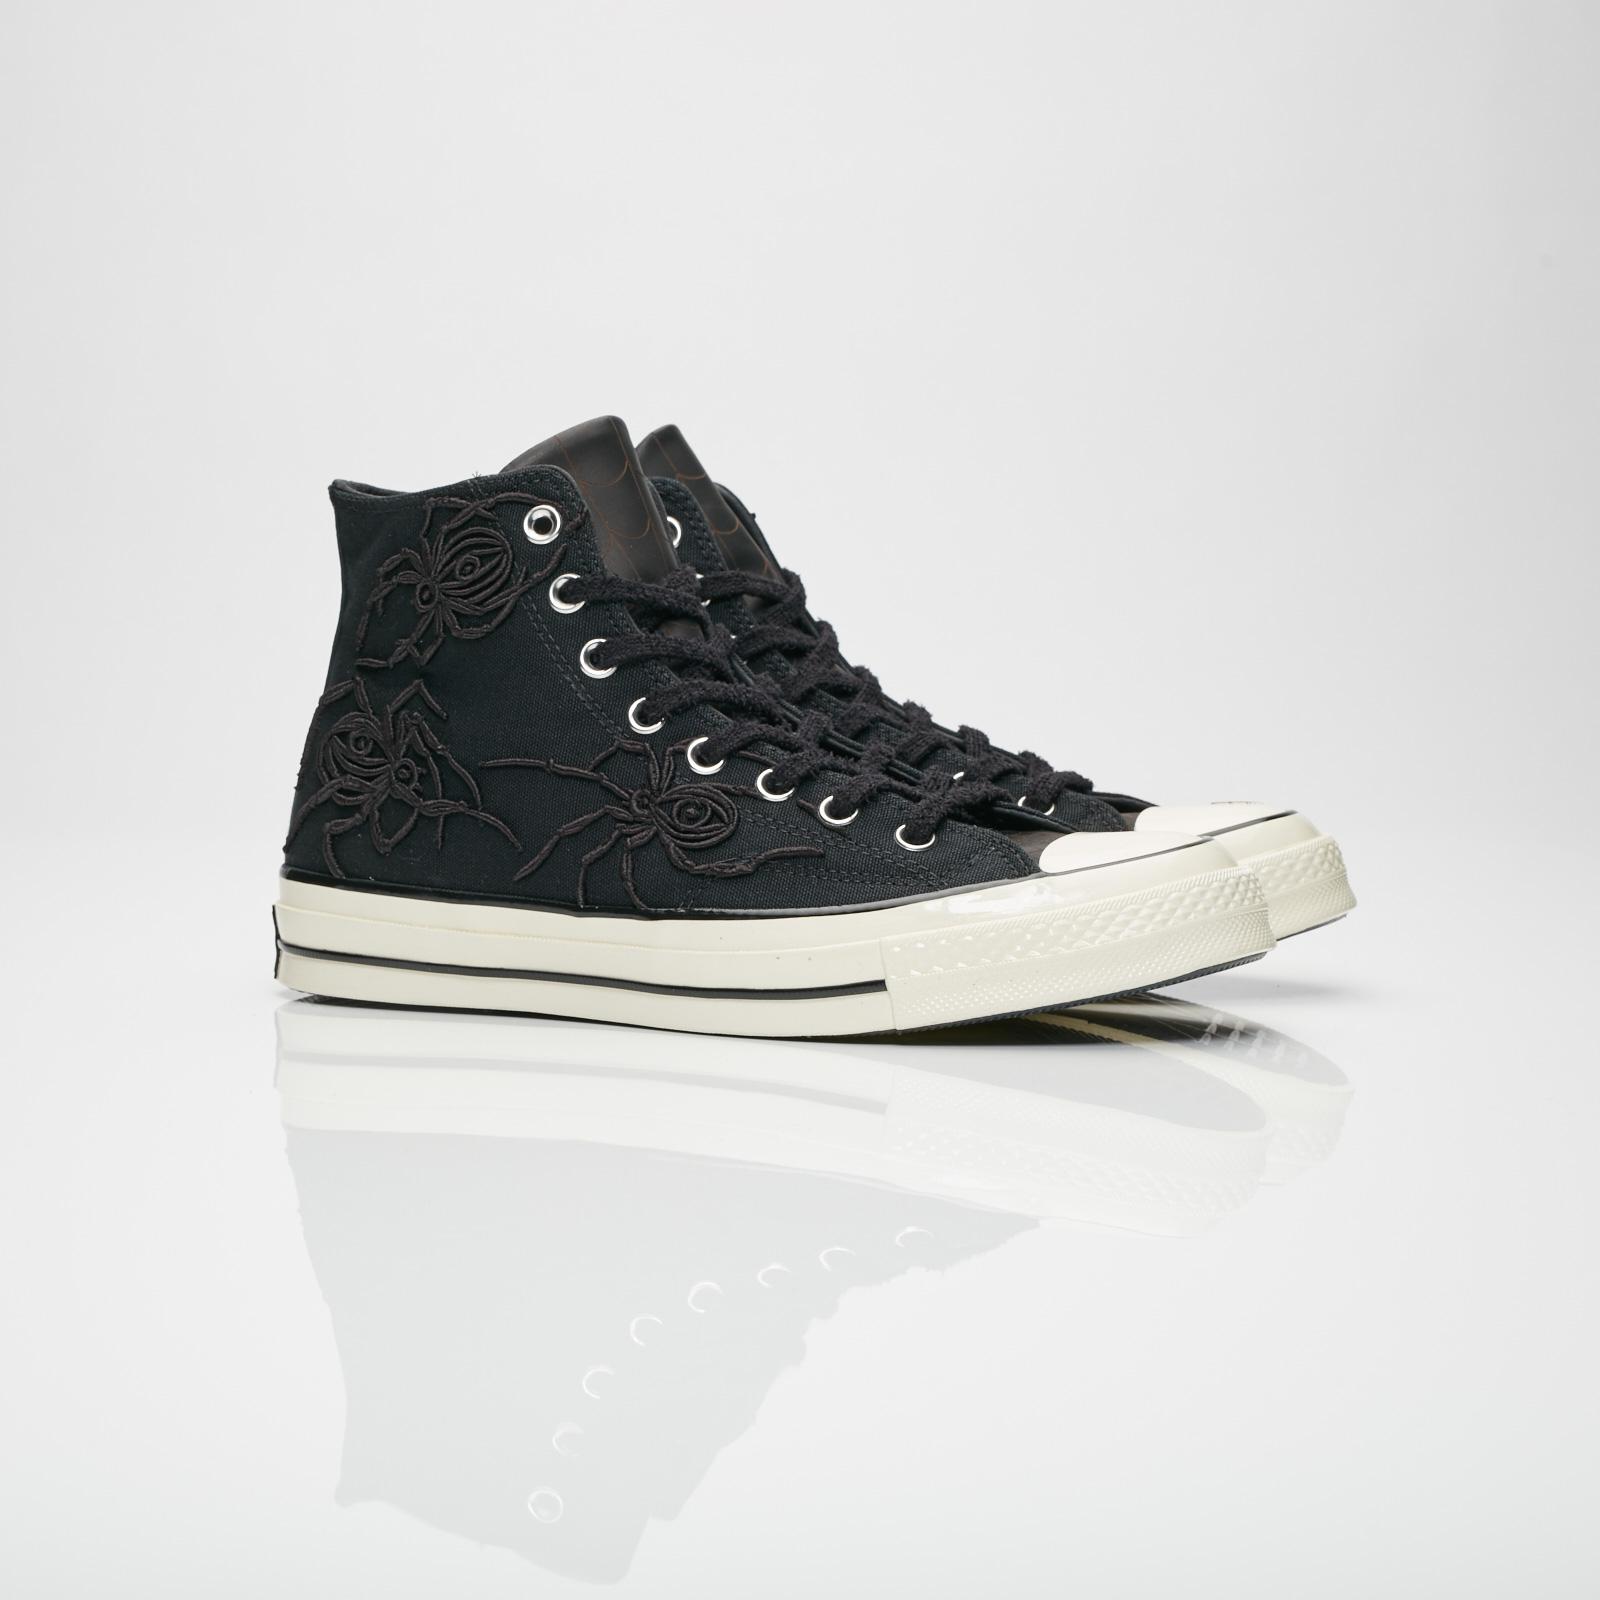 29351bd15007 Converse Chuck Taylor 70 Hi x Dr. Woo - 160916c - Sneakersnstuff ...